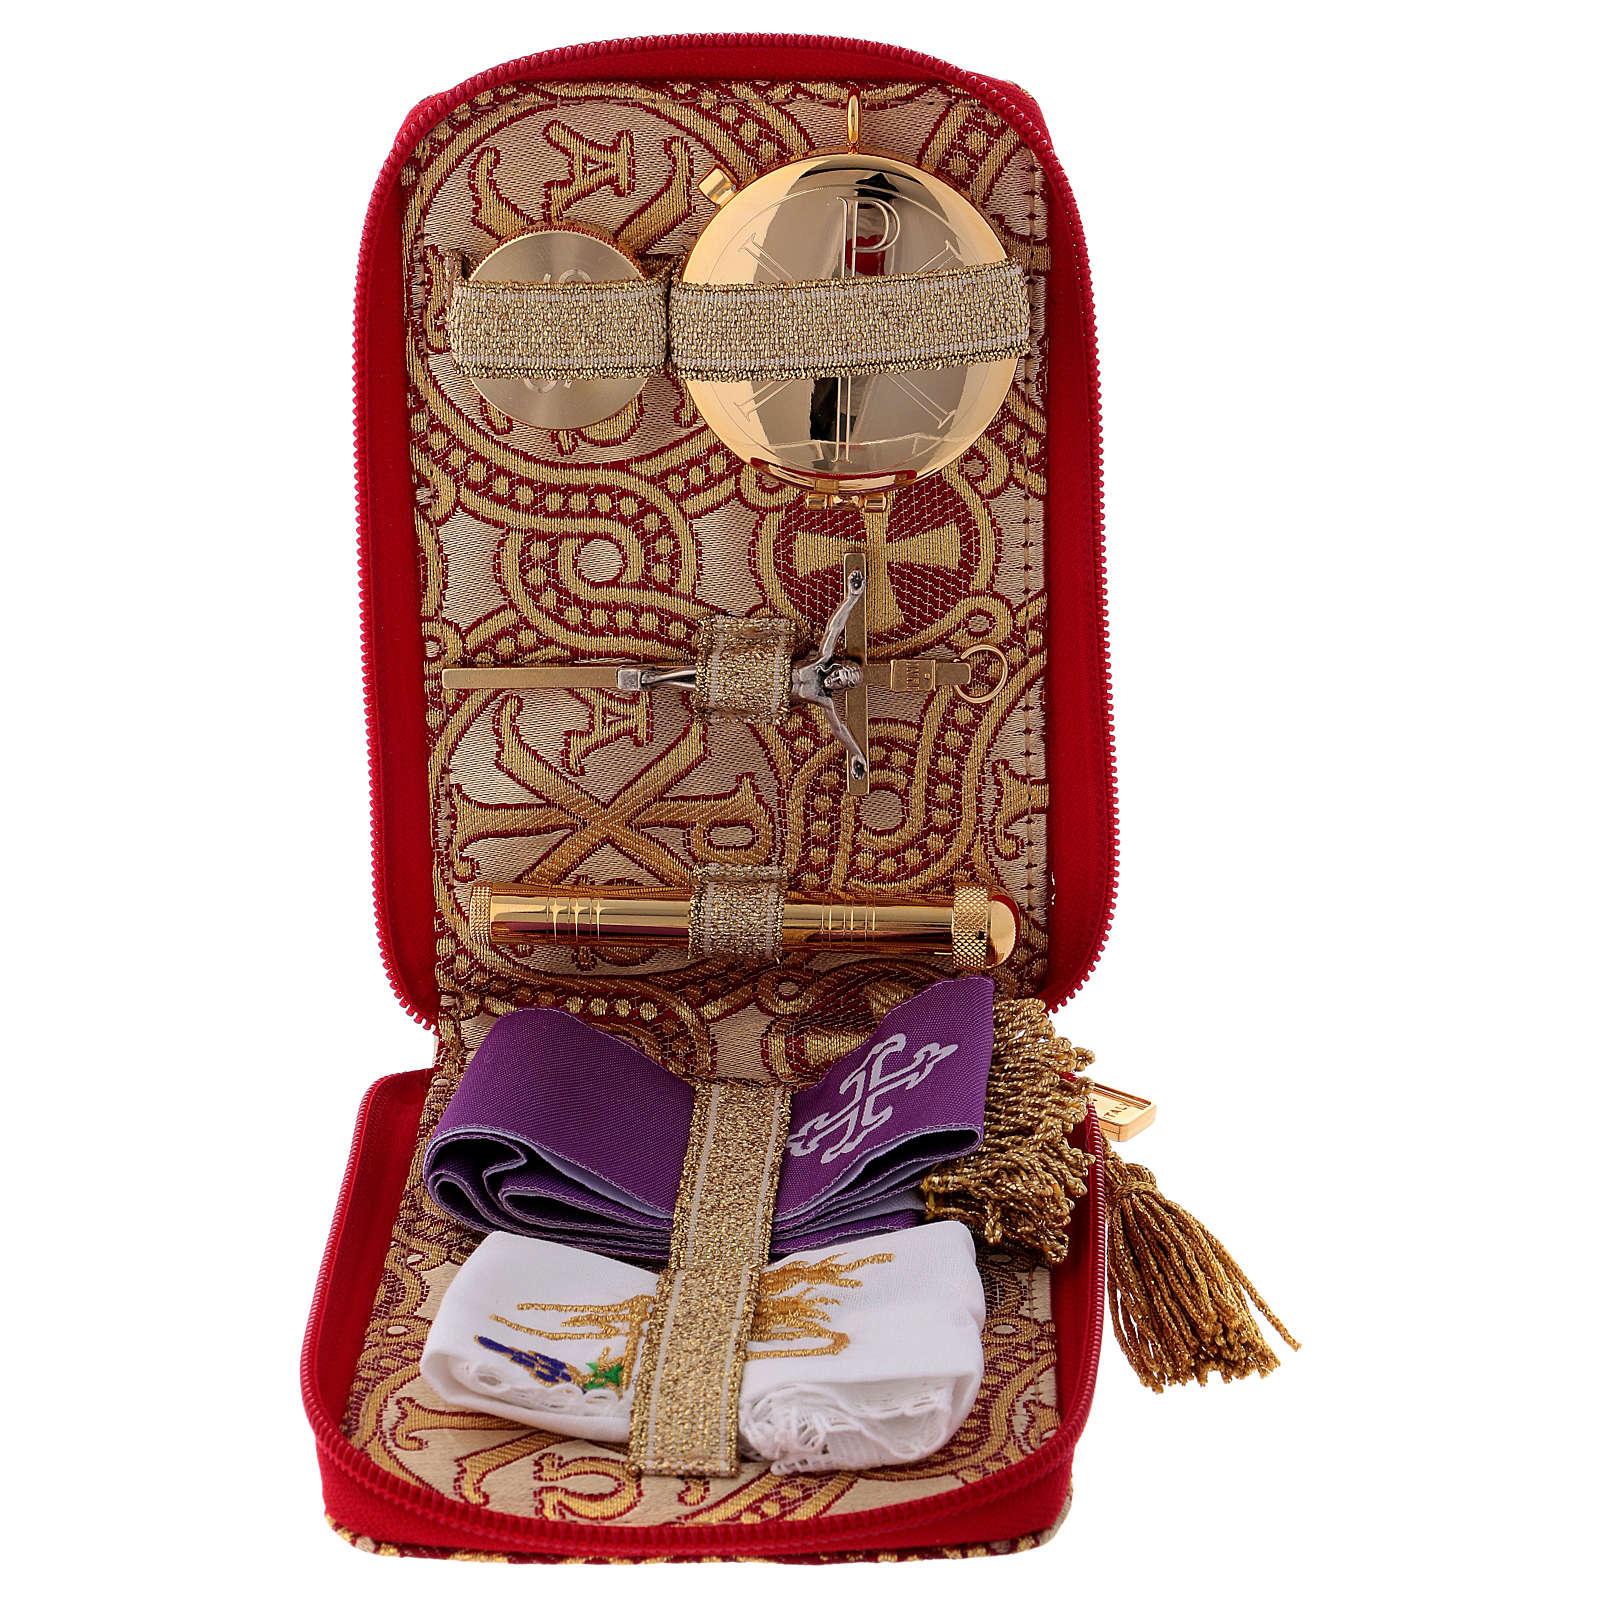 Étui valise-chapelle custode à hosties en brocart alpha et oméga 3